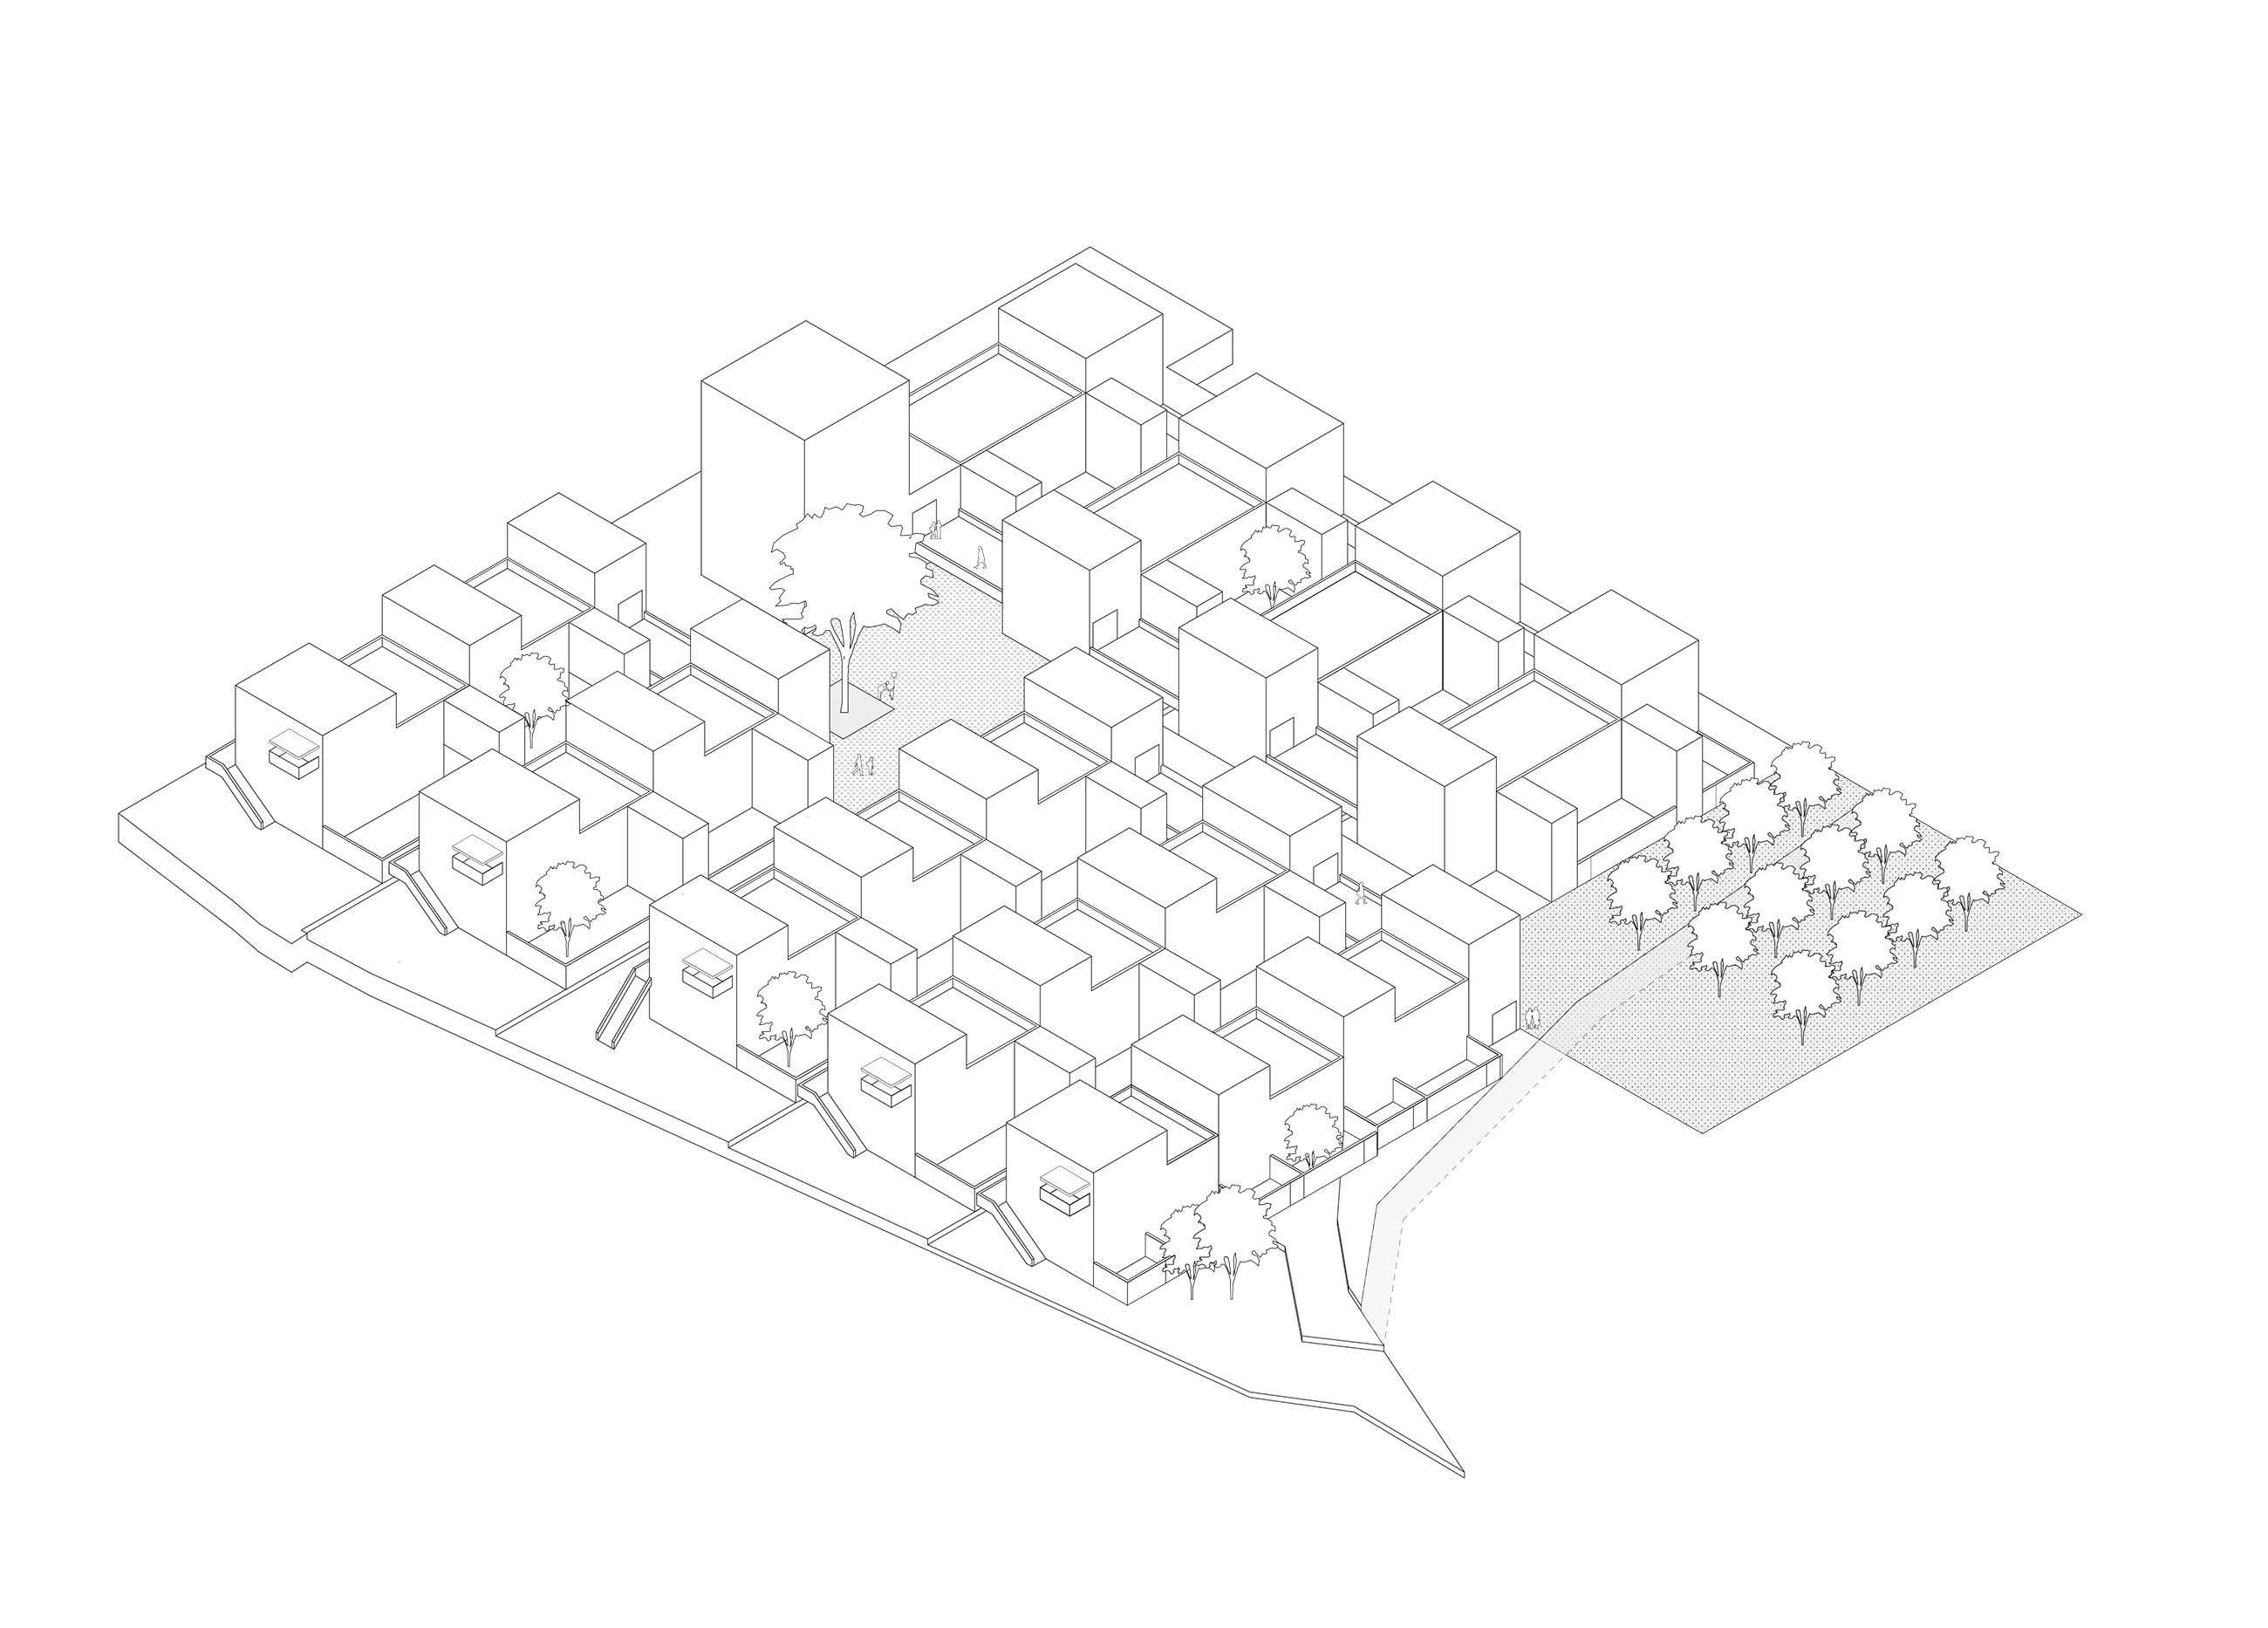 Neubau Wohnbebauung Gerhardingerweg 4, Kempten